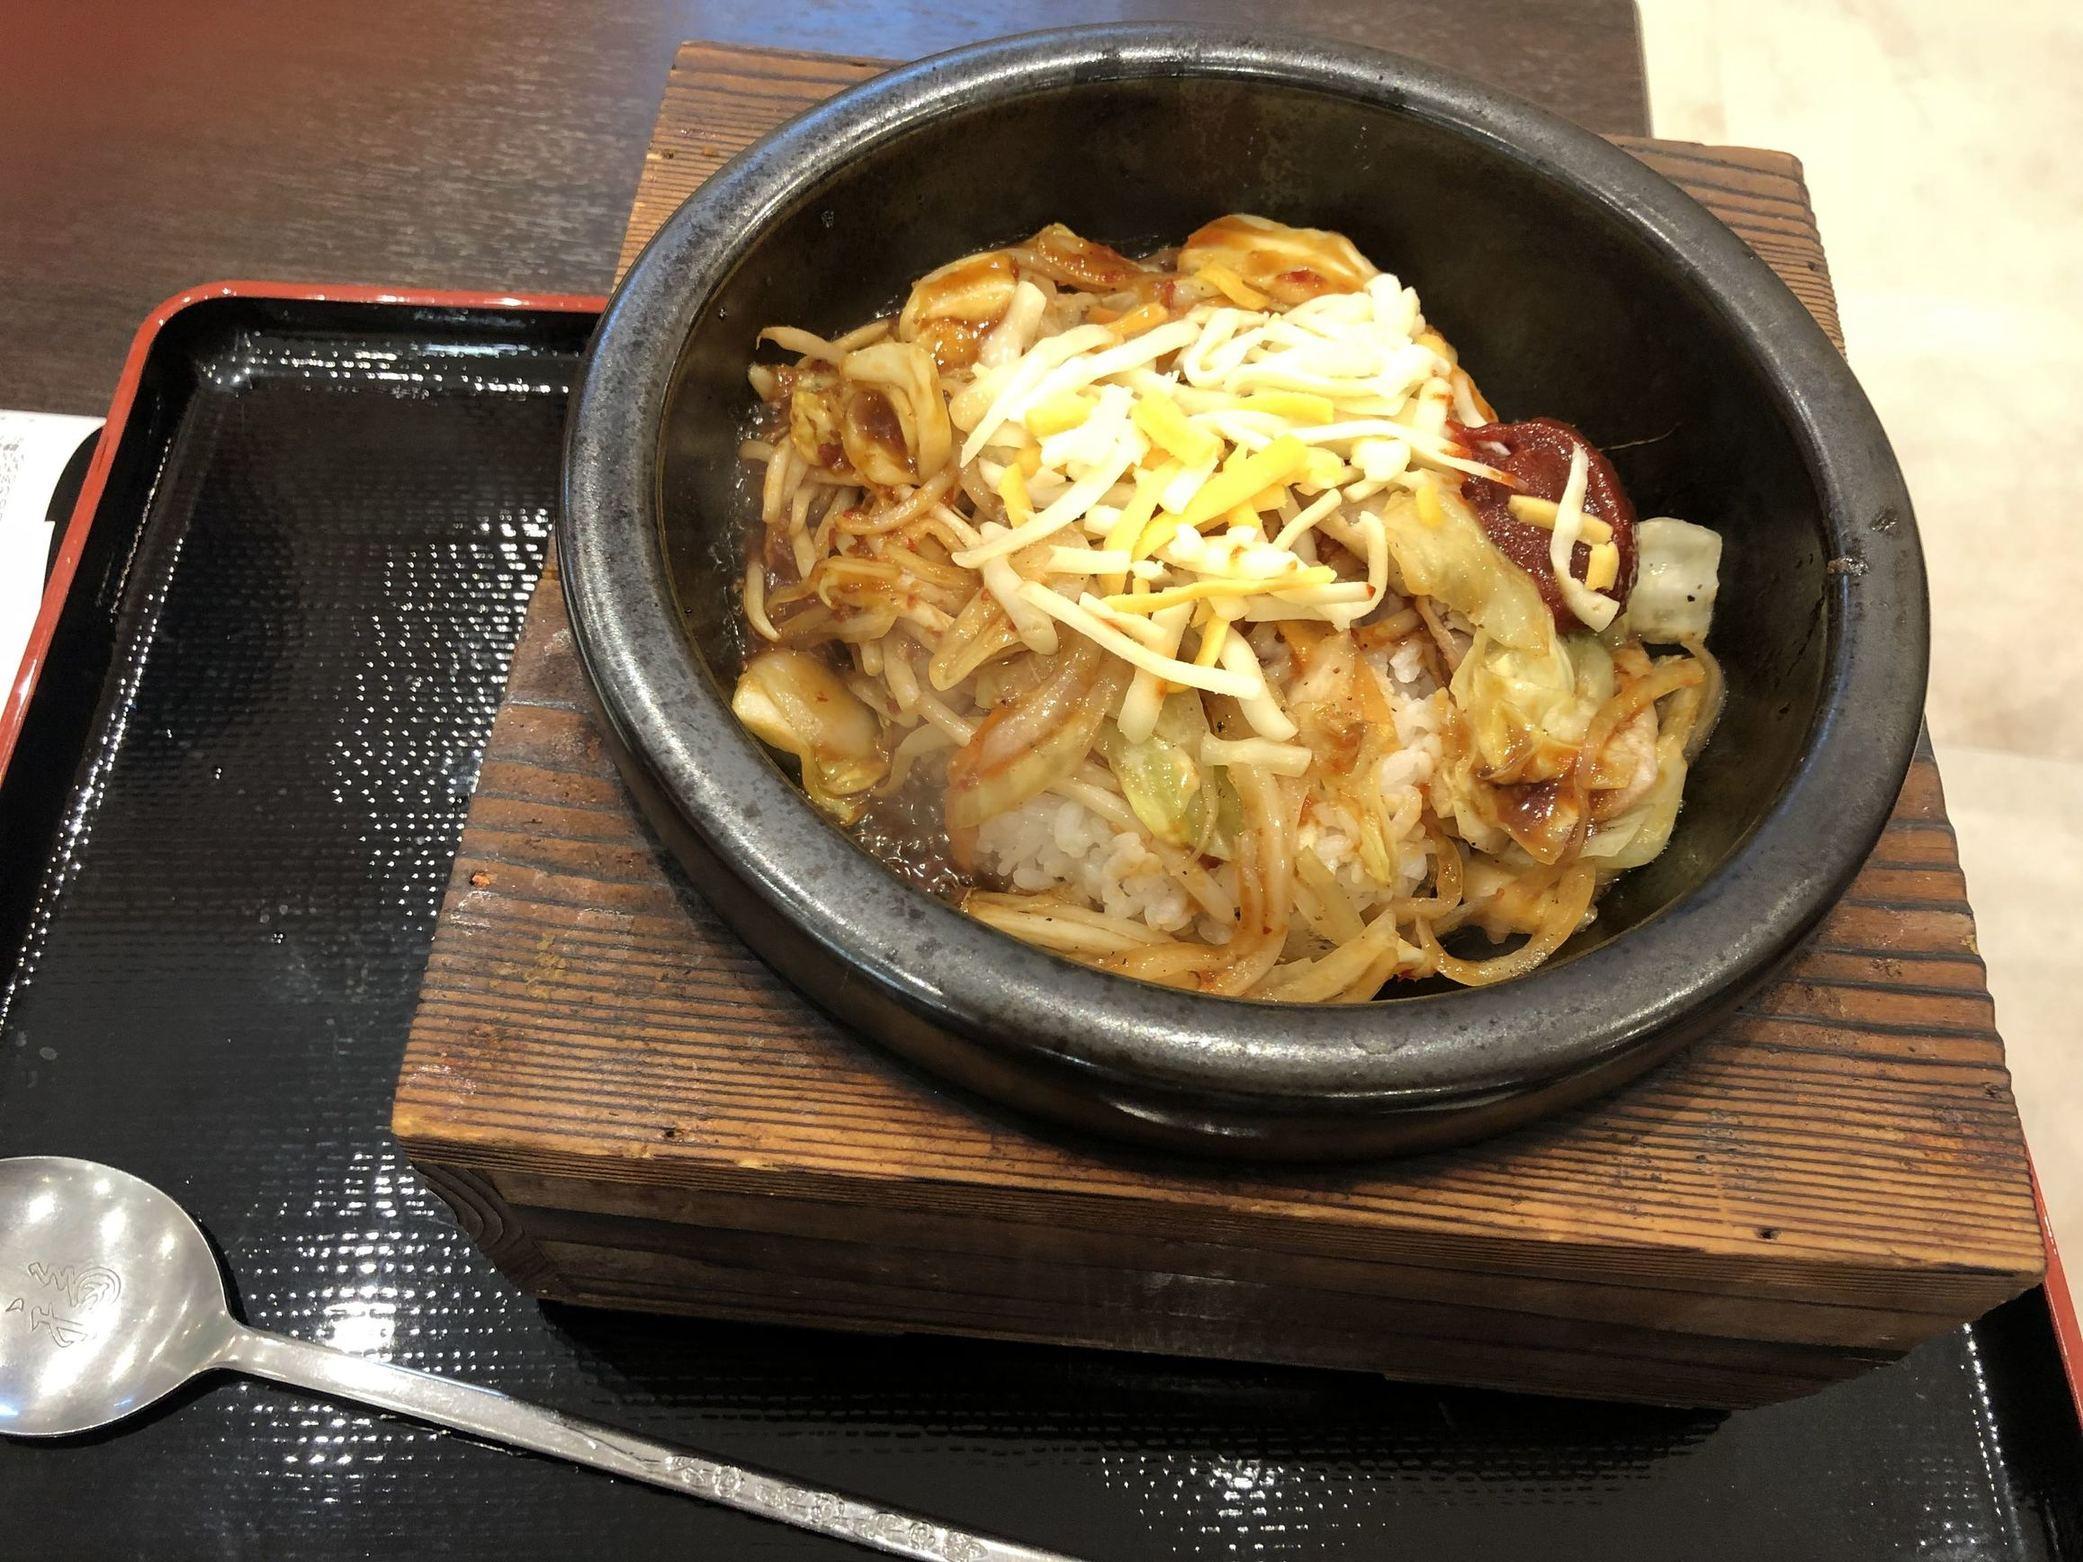 石焼きキッチン イオンモール富士宮店 name=